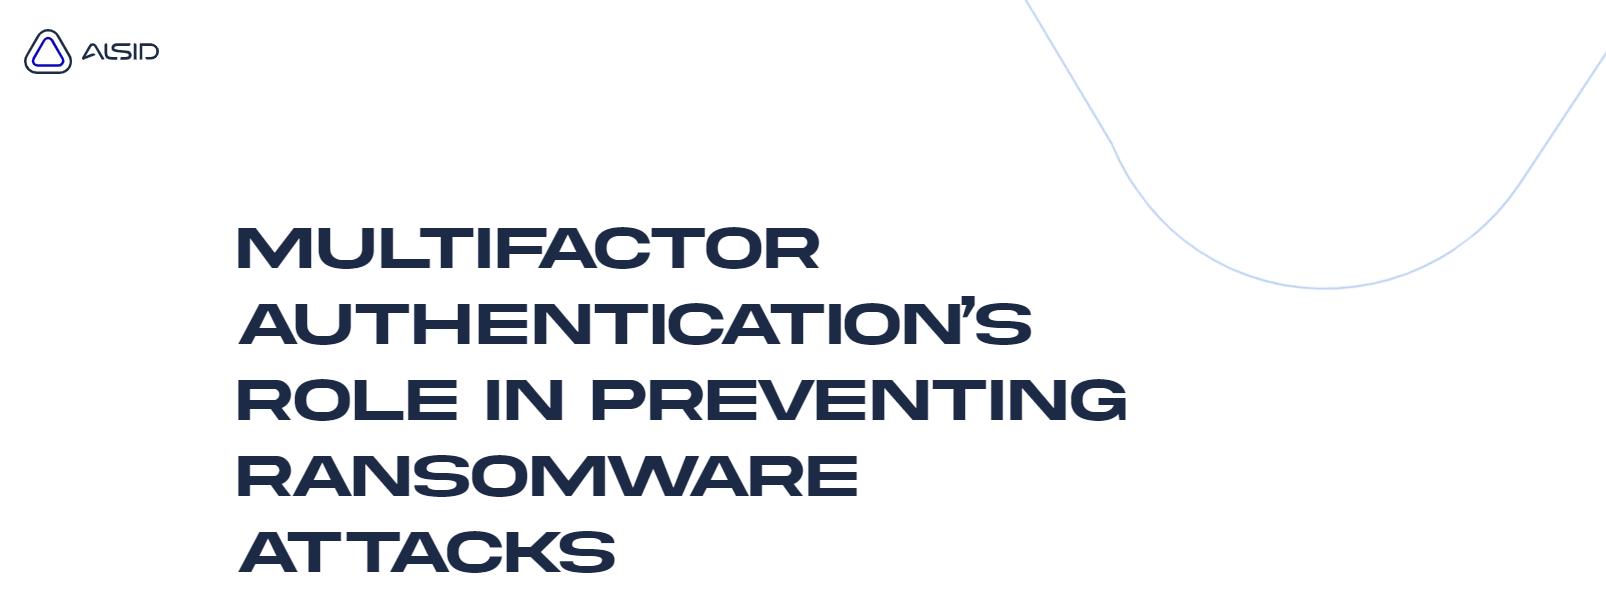 does MFA prevent ransomware attacks